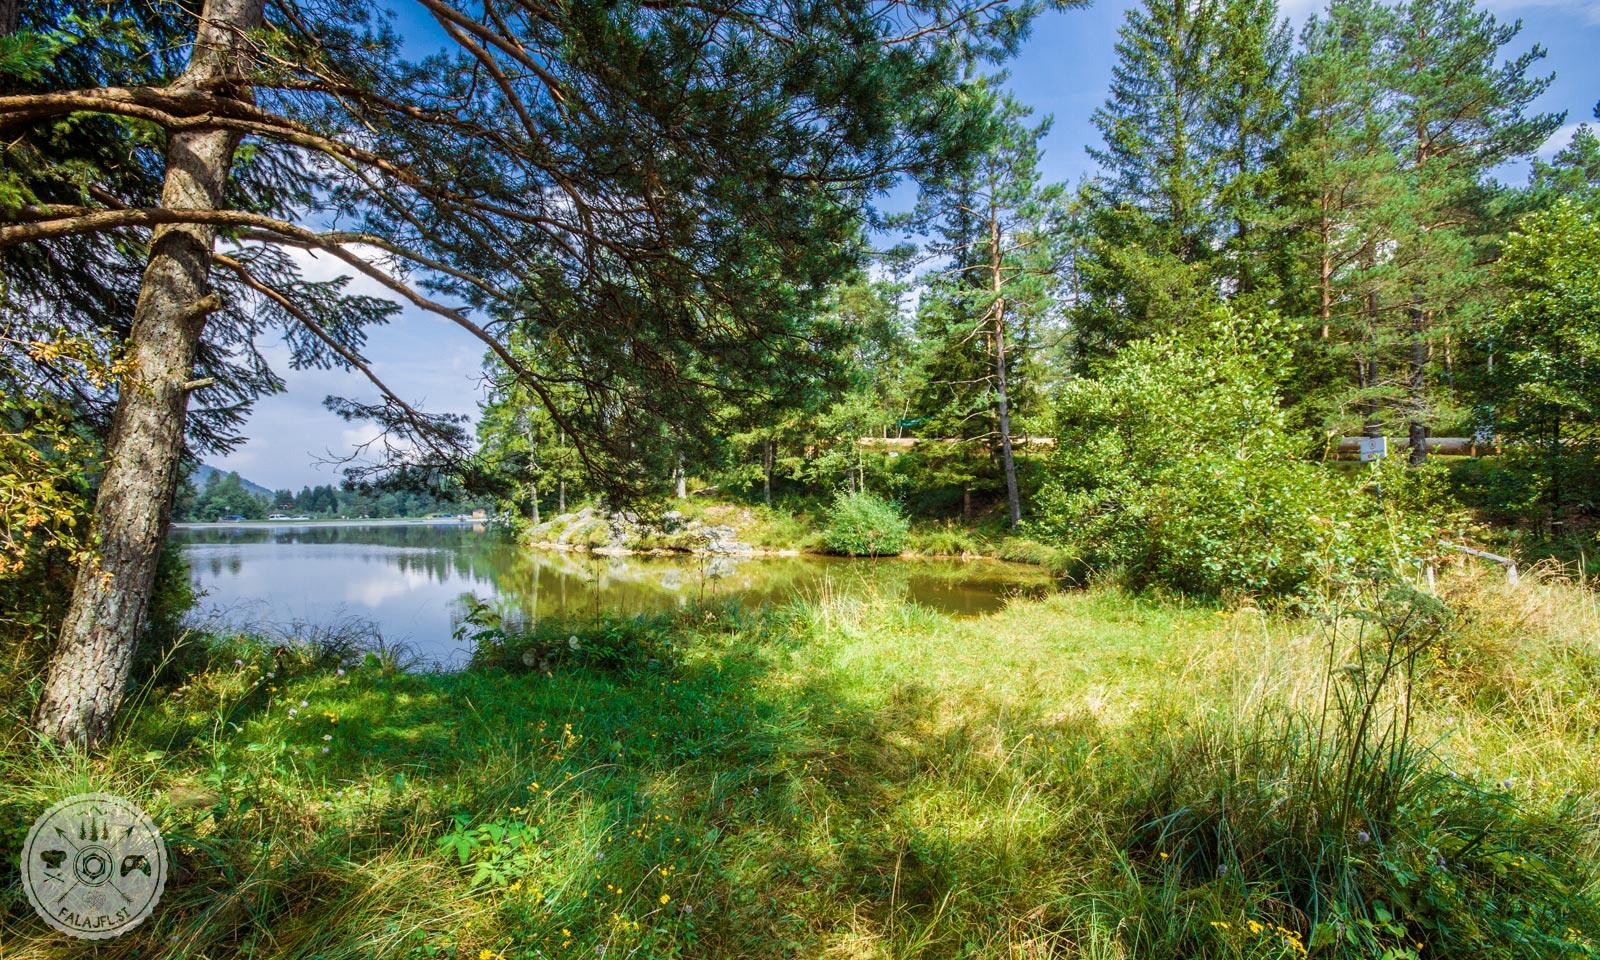 rakitnisko-jezero-foto08